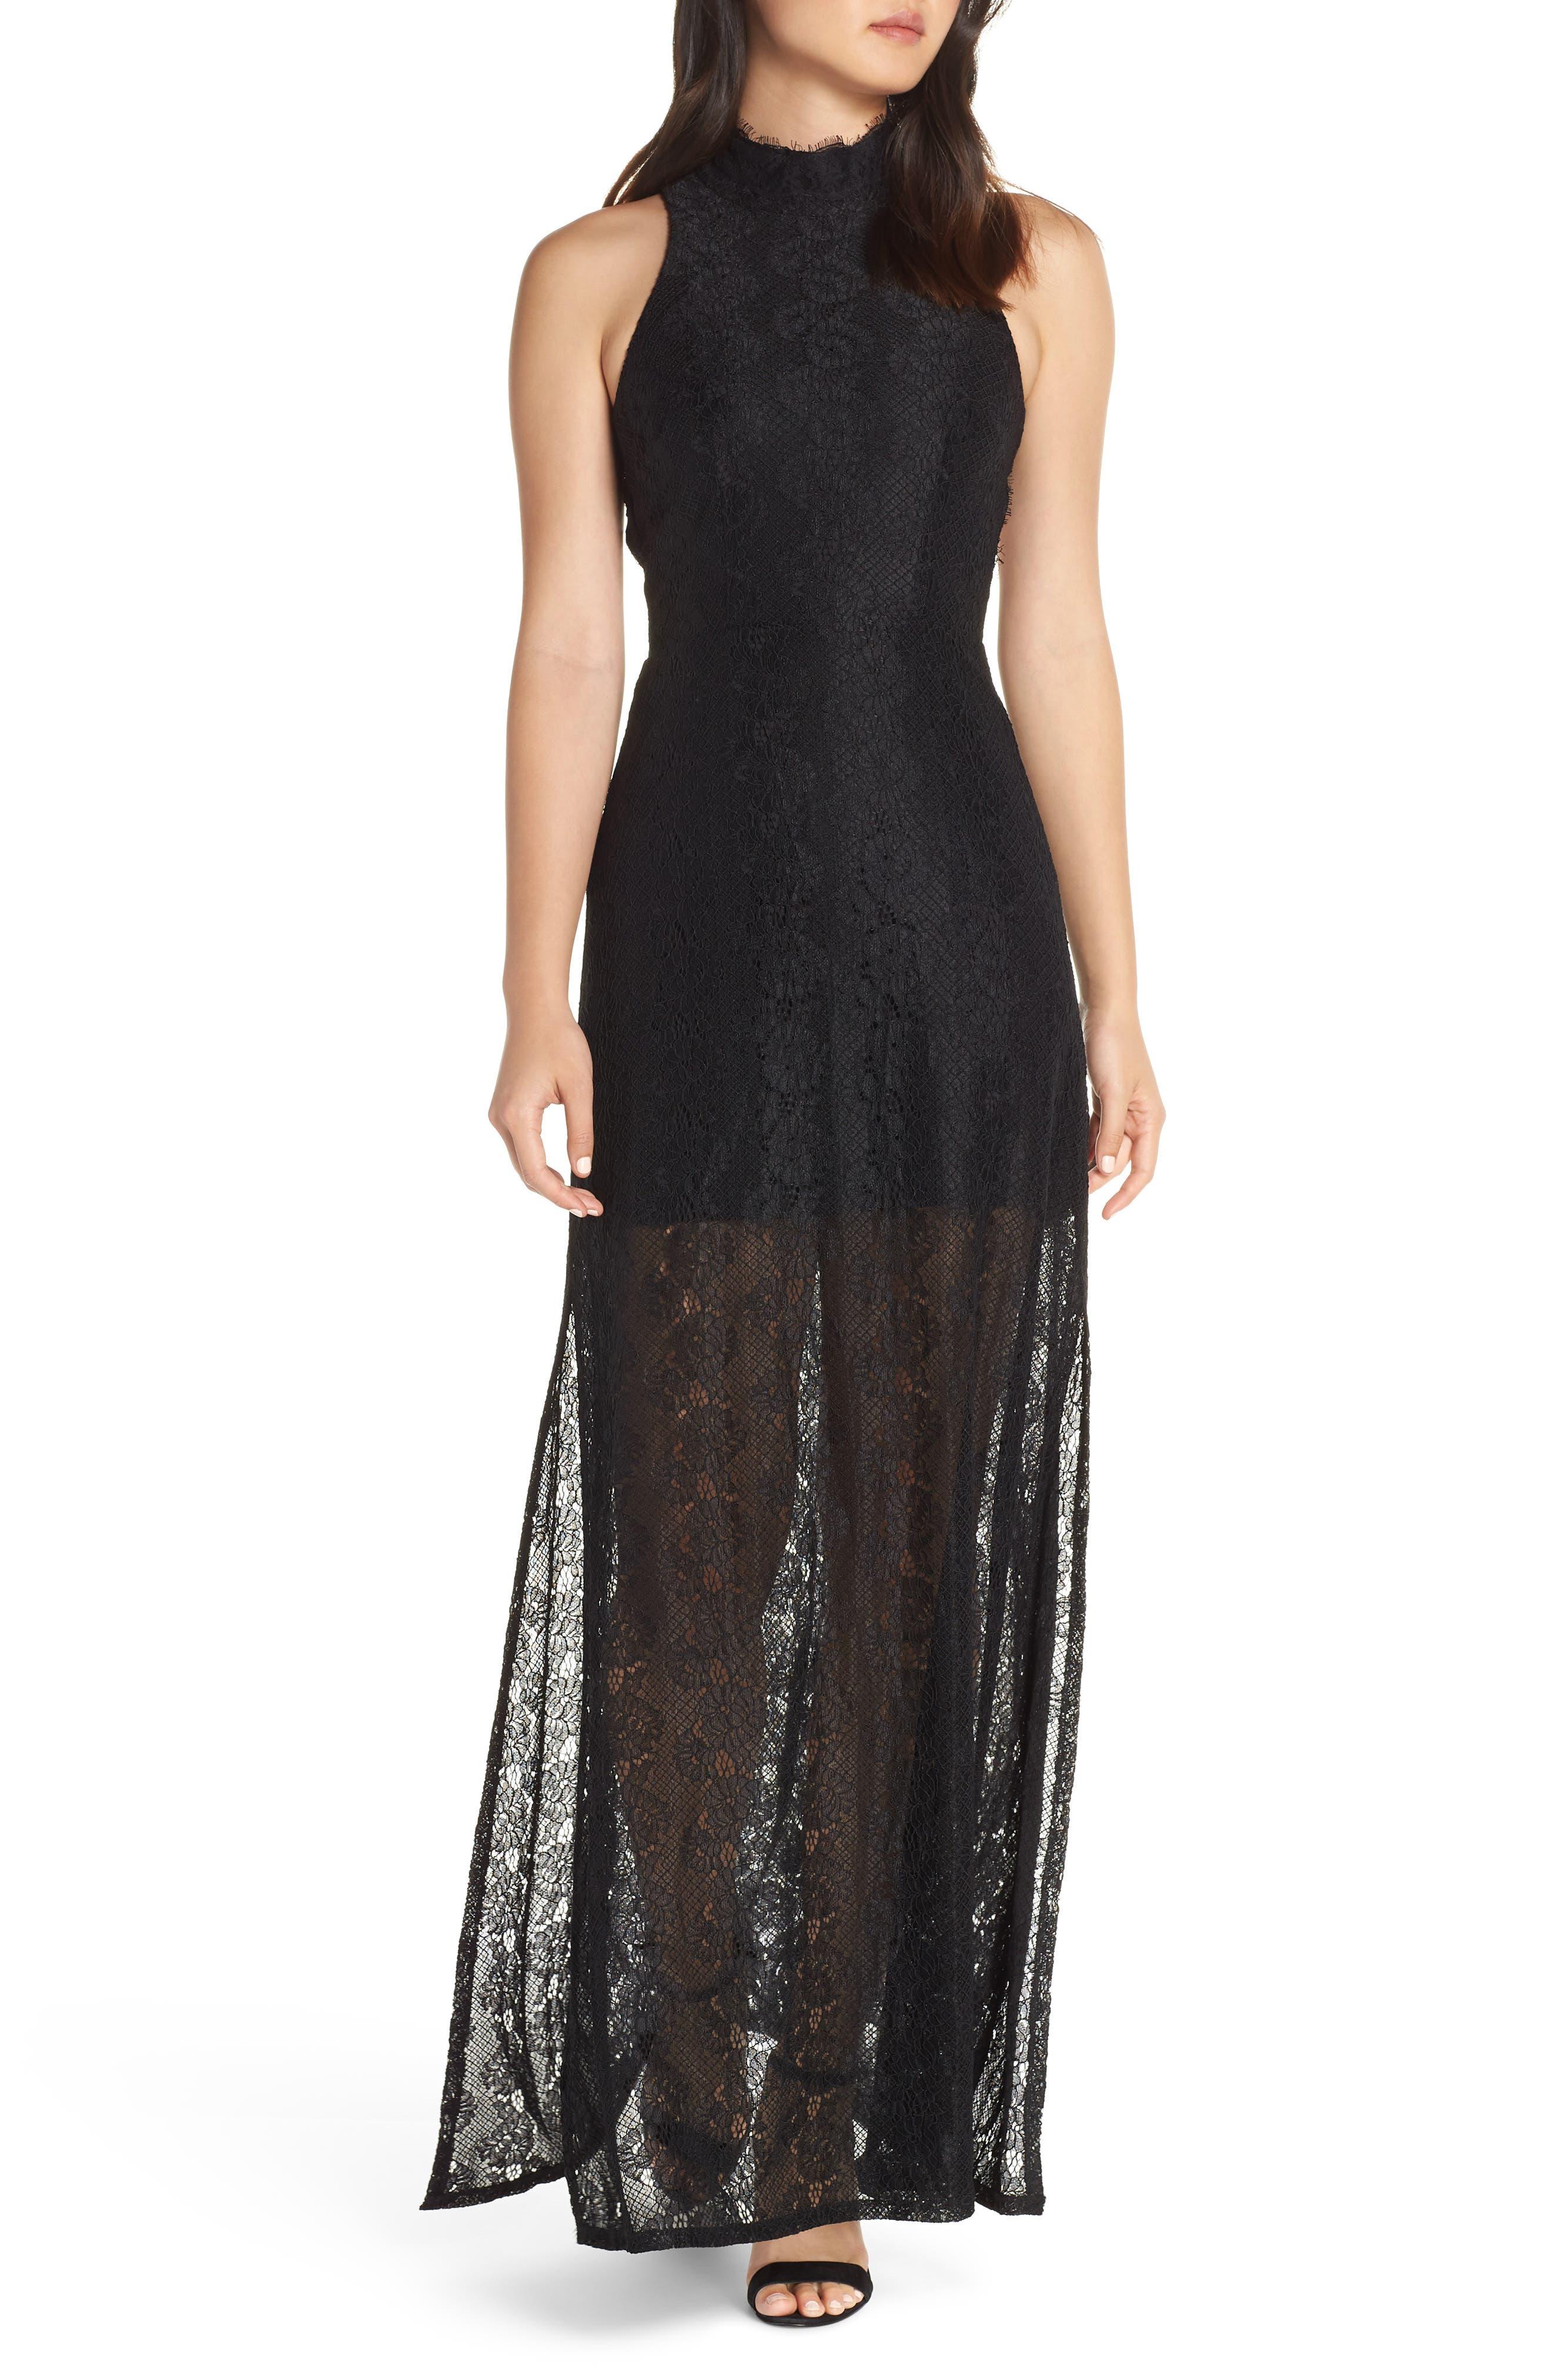 ALI & JAY, Return to Love Lace Maxi Dress, Main thumbnail 1, color, BLACK